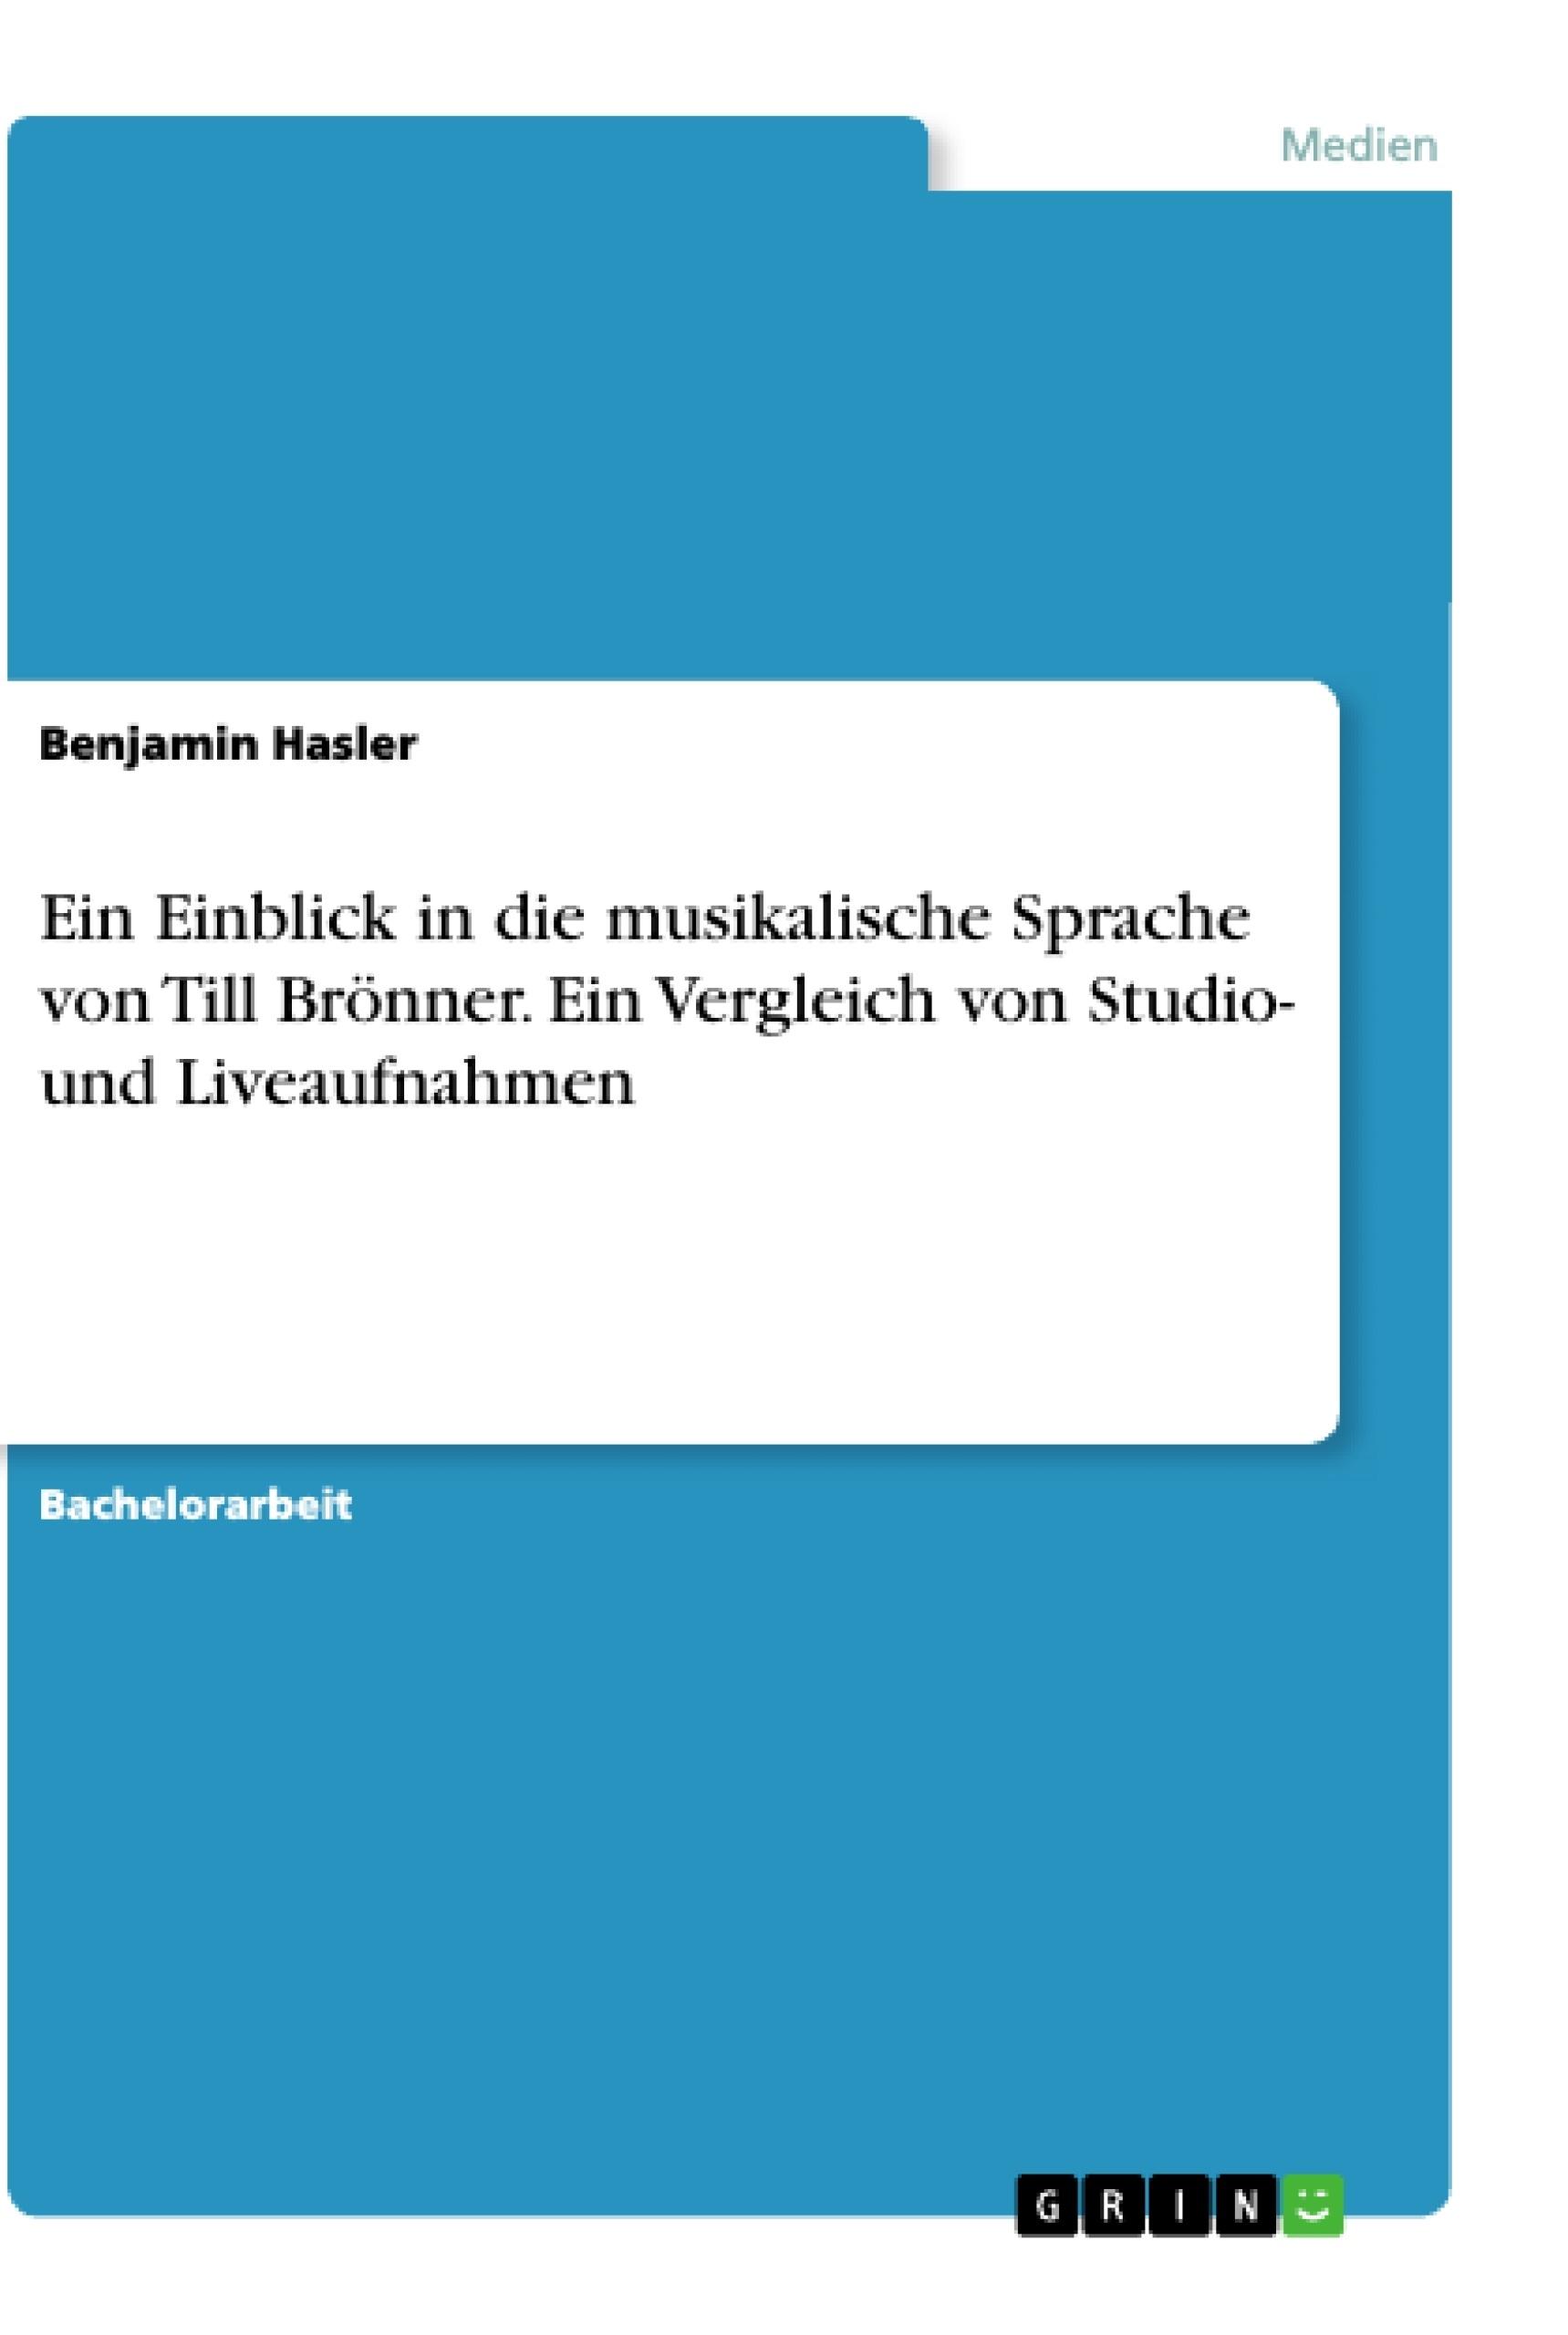 Titel: Ein Einblick in die musikalische Sprache von Till Brönner. Ein Vergleich von Studio- und Liveaufnahmen